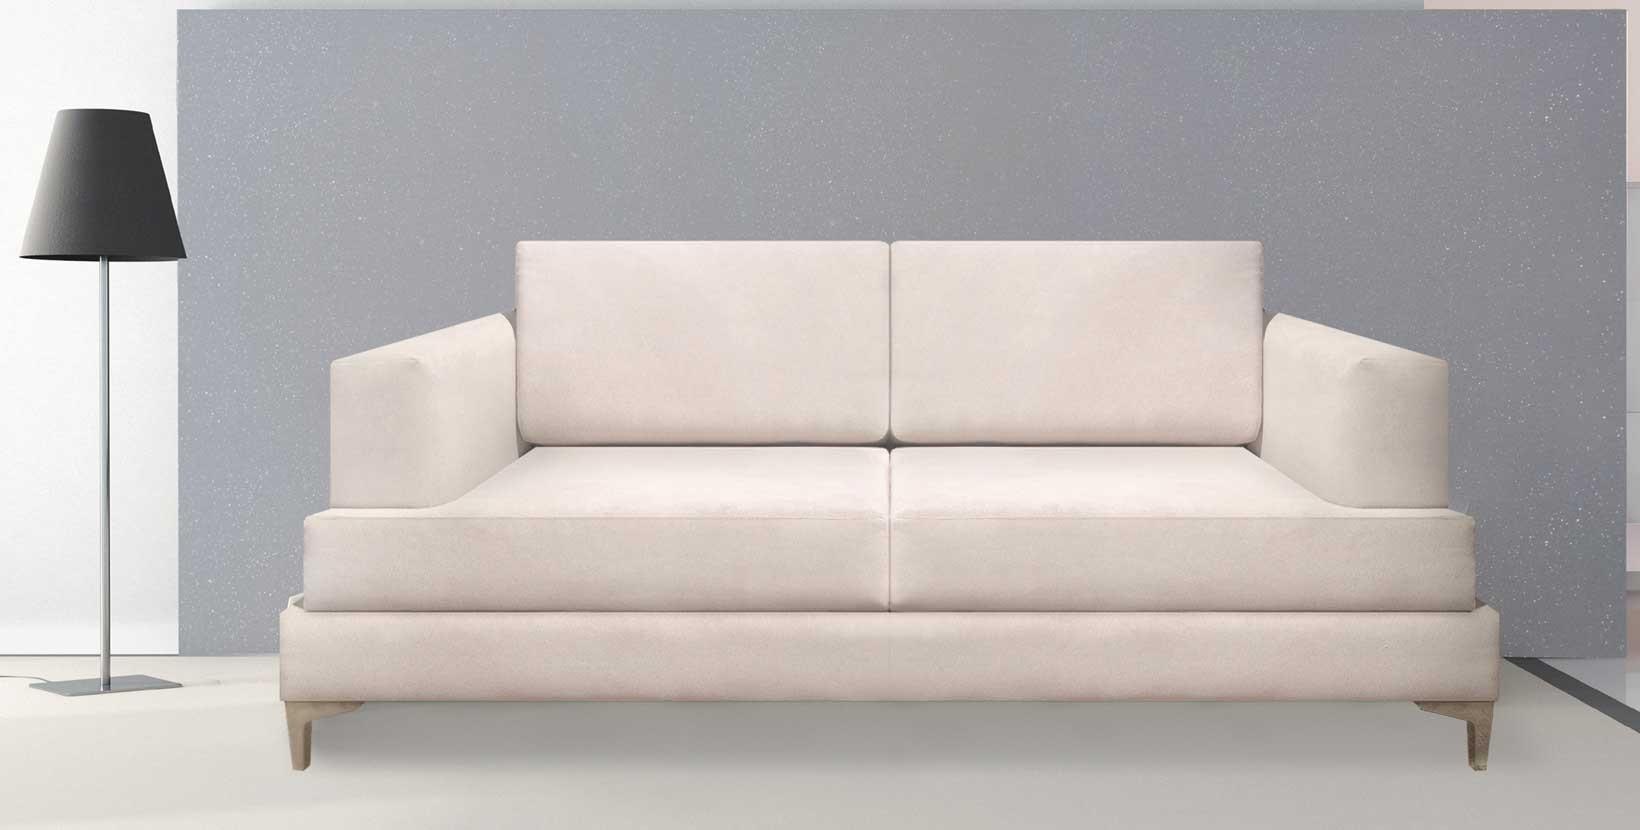 sofa cama modelo laura 2 y 3 cuerpos. Black Bedroom Furniture Sets. Home Design Ideas